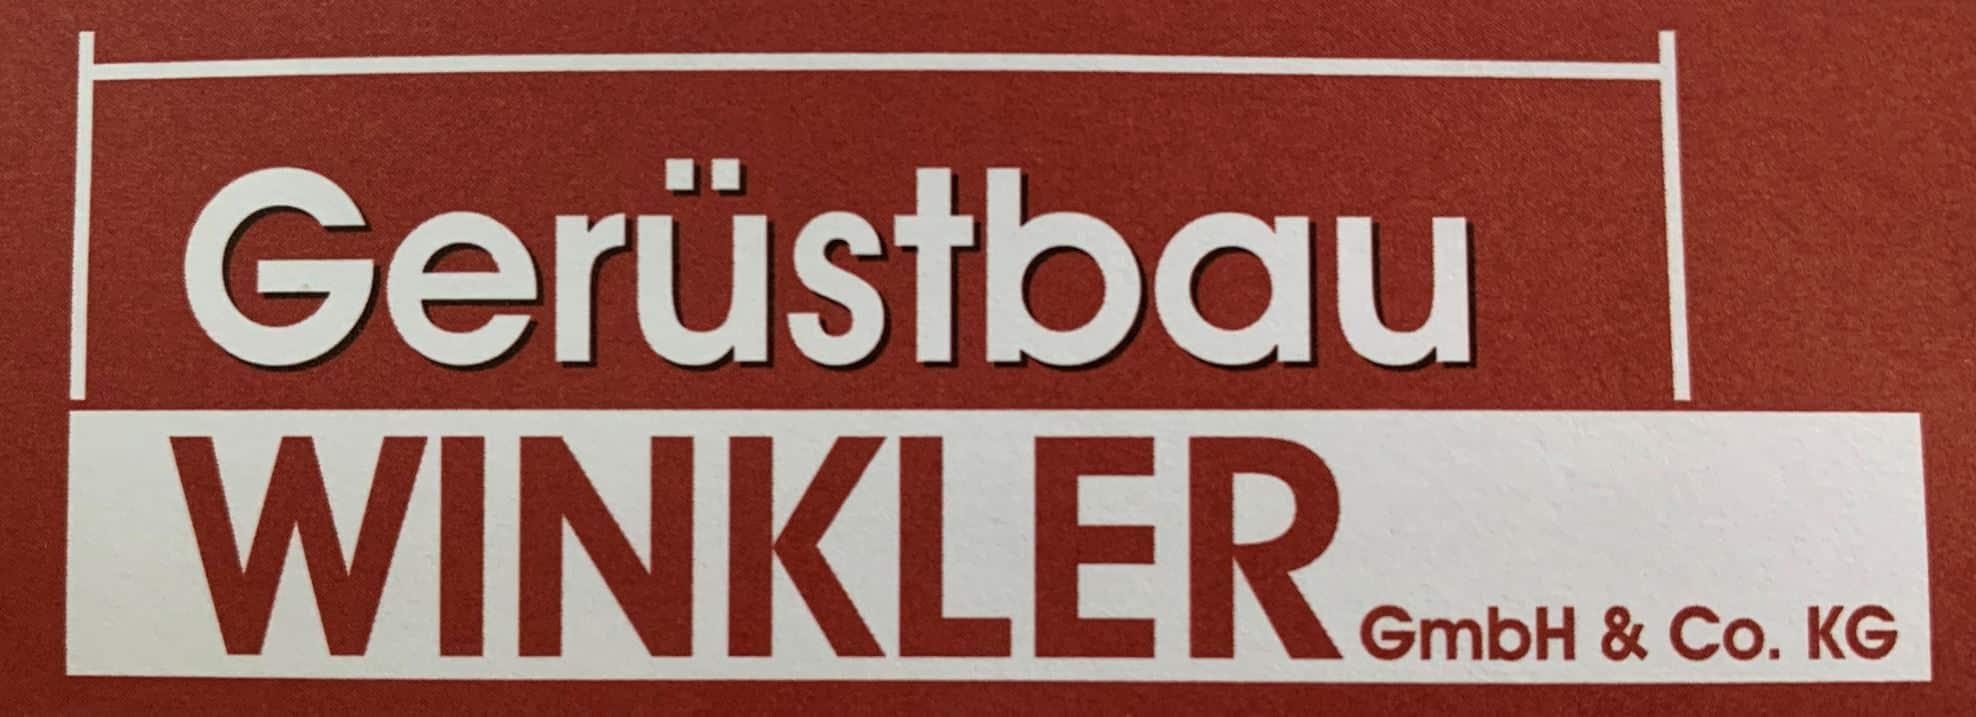 Gerüstbau Winkler